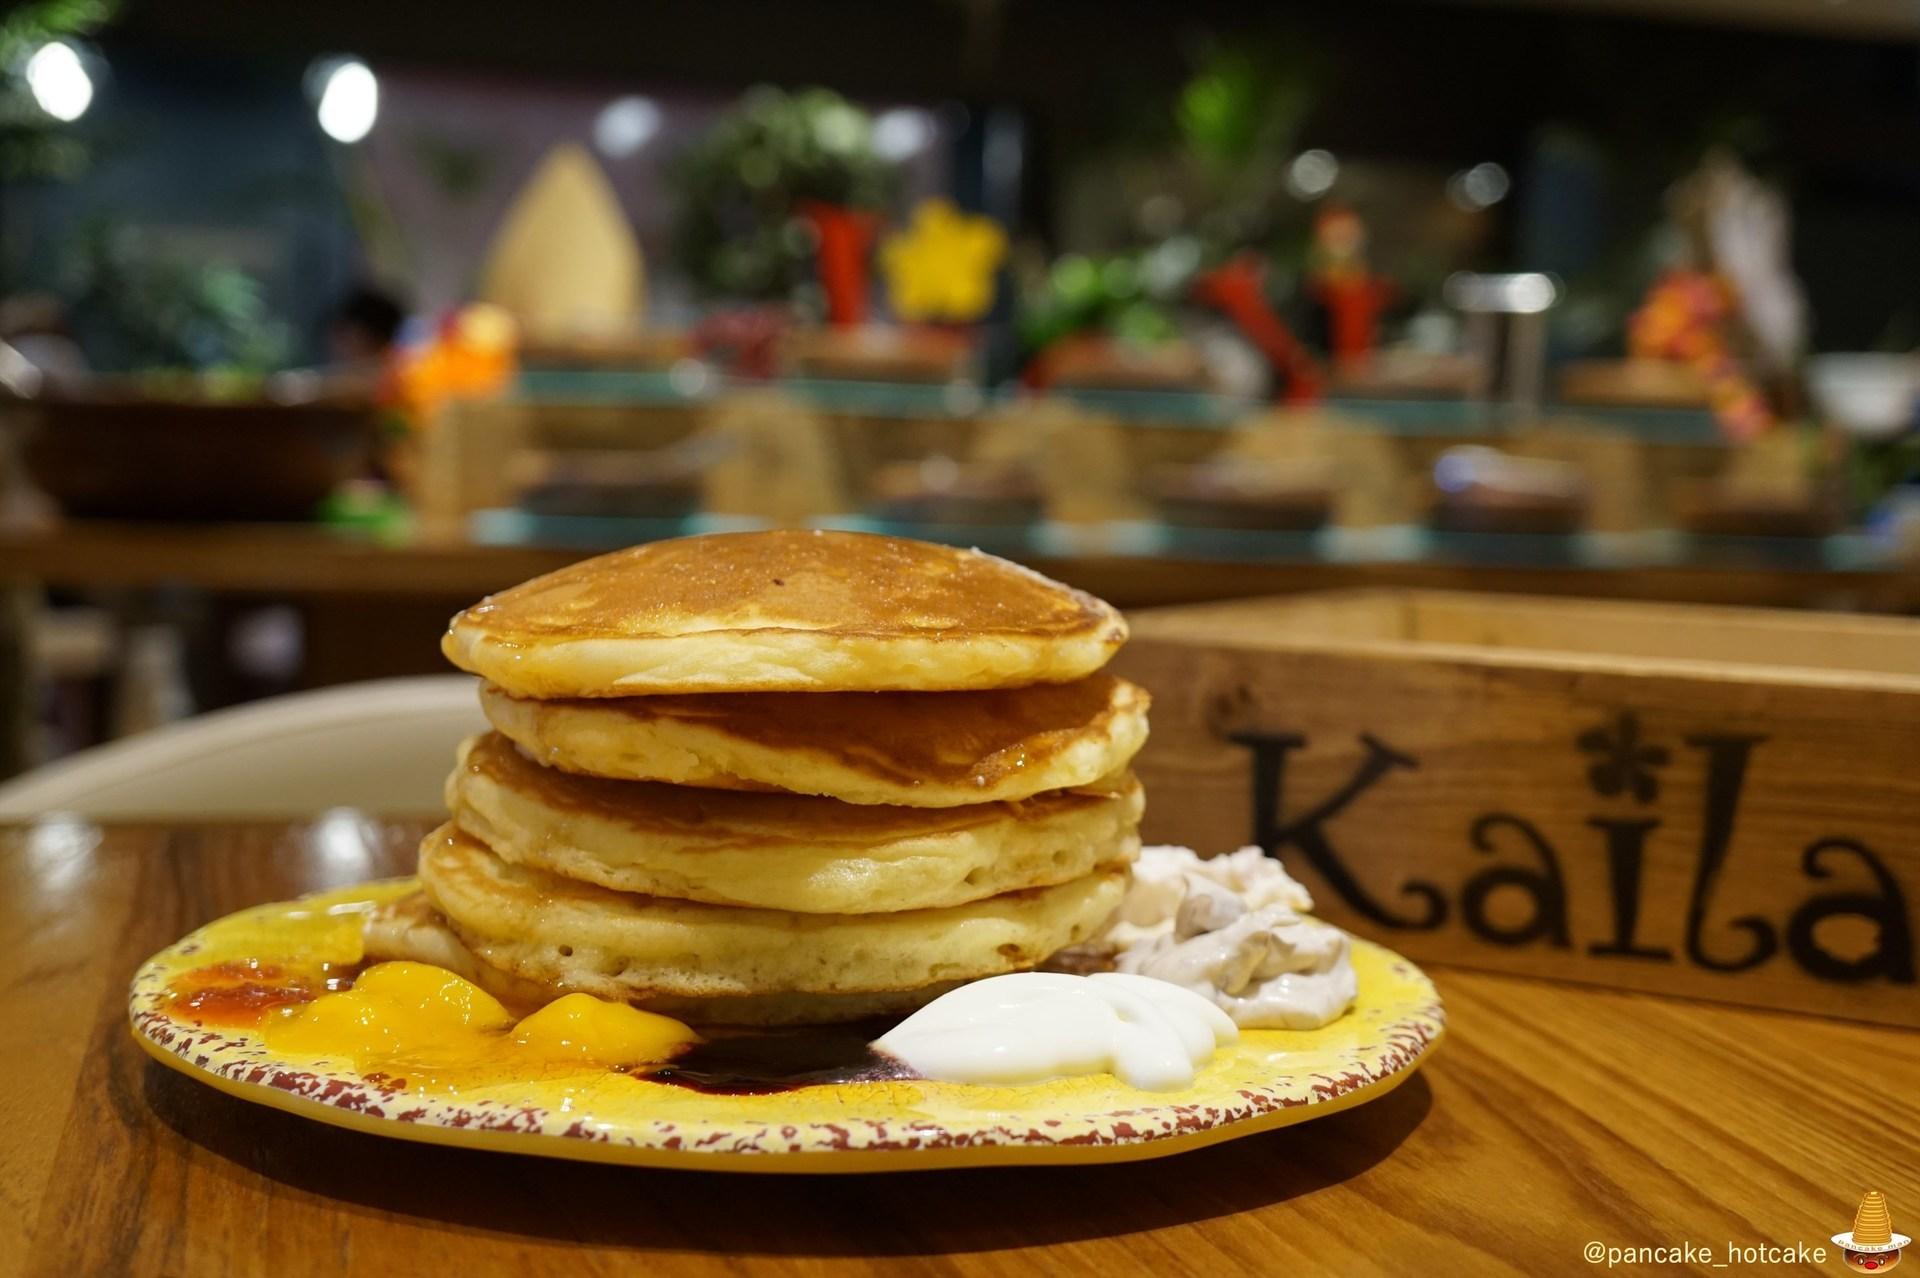 パンケーキマンがカイラでパンケーキ食べ放題にチャレンジ